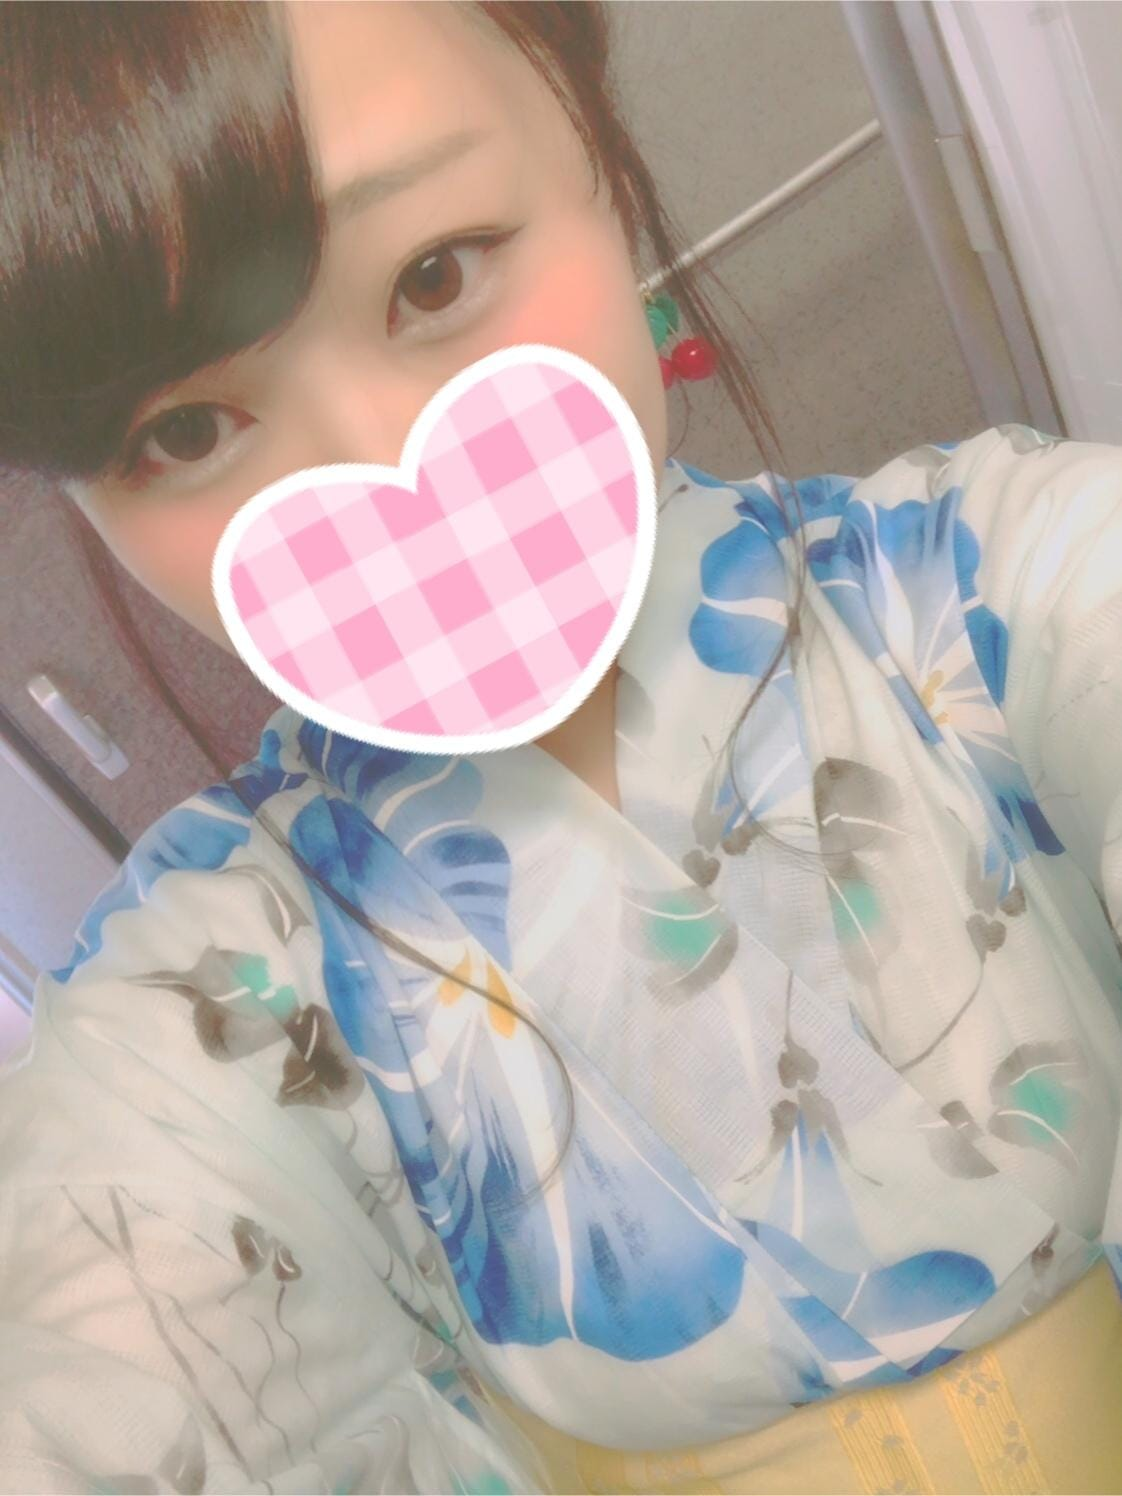 「登校しますっ」08/01(水) 13:34 | 村松さくらの写メ・風俗動画